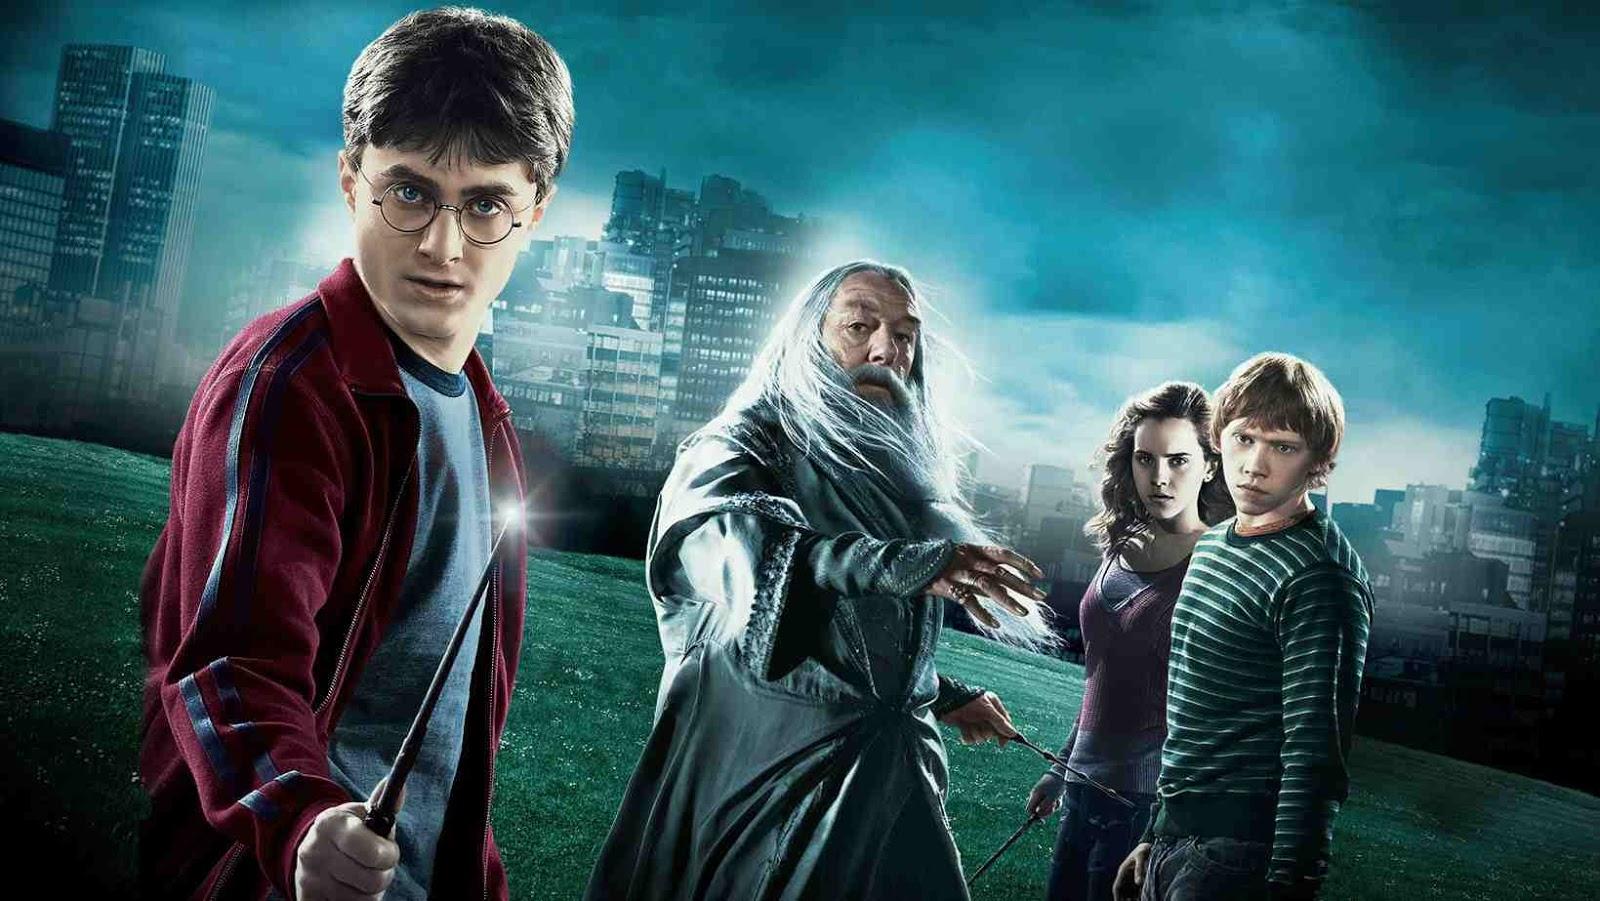 Livros de Harry Potter em Ordem: Uma Obra-Prima de J.K. Rowling